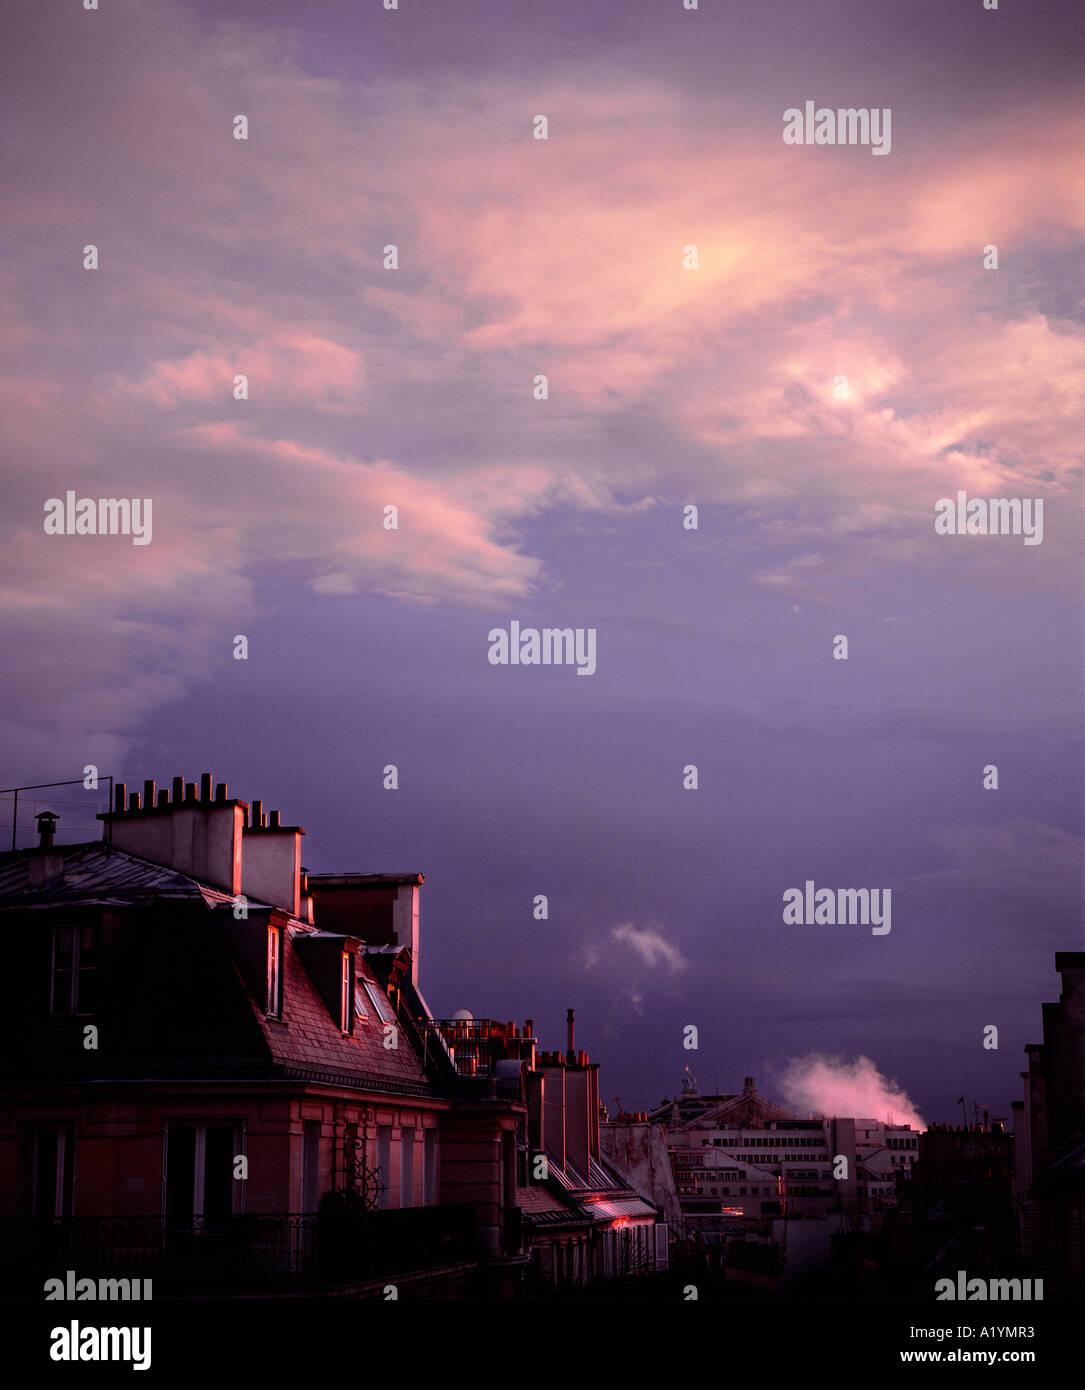 Escenario típico parisino con apartamentos de diseño por el barón Haussmann. Imagen De Stock